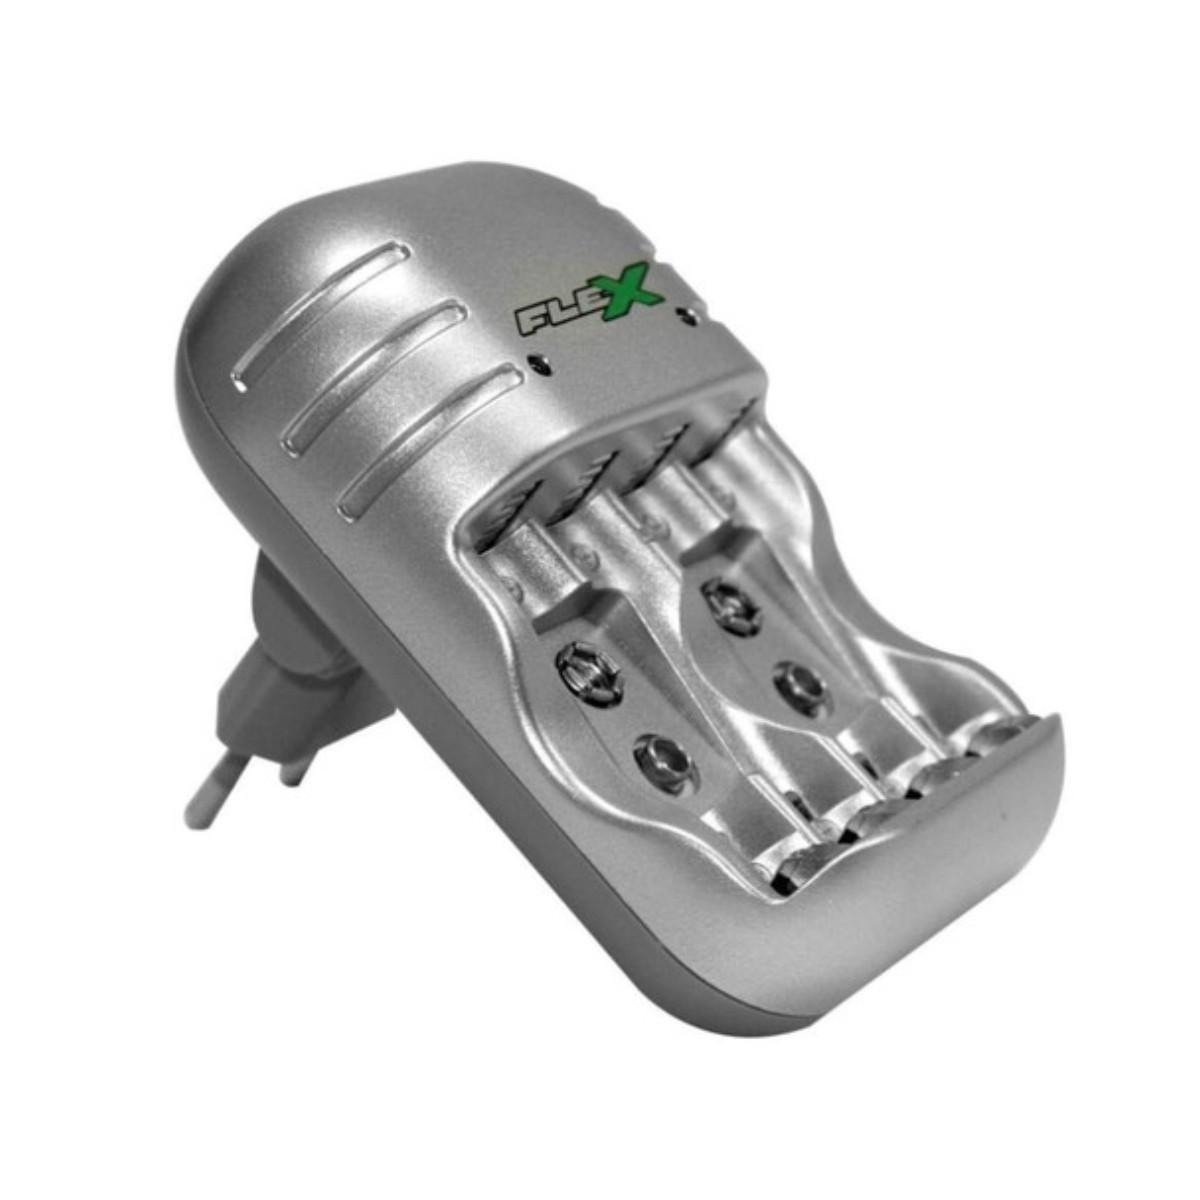 Carregador de Pilhas Universal Flex Para 4 pilhas  - Casa do Roadie